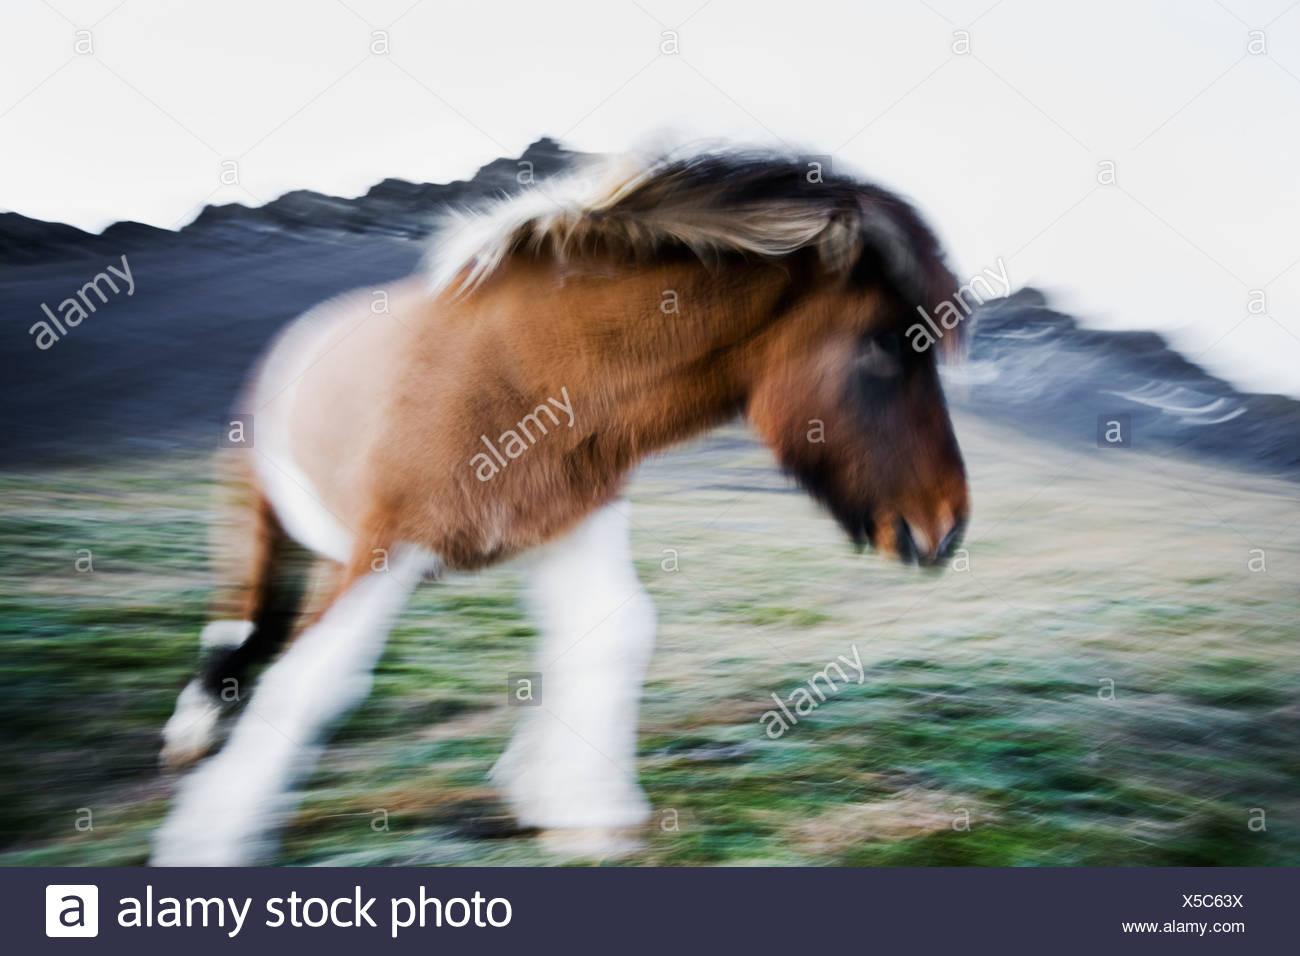 Un cavallo islandese in movimento, Islanda. Immagini Stock